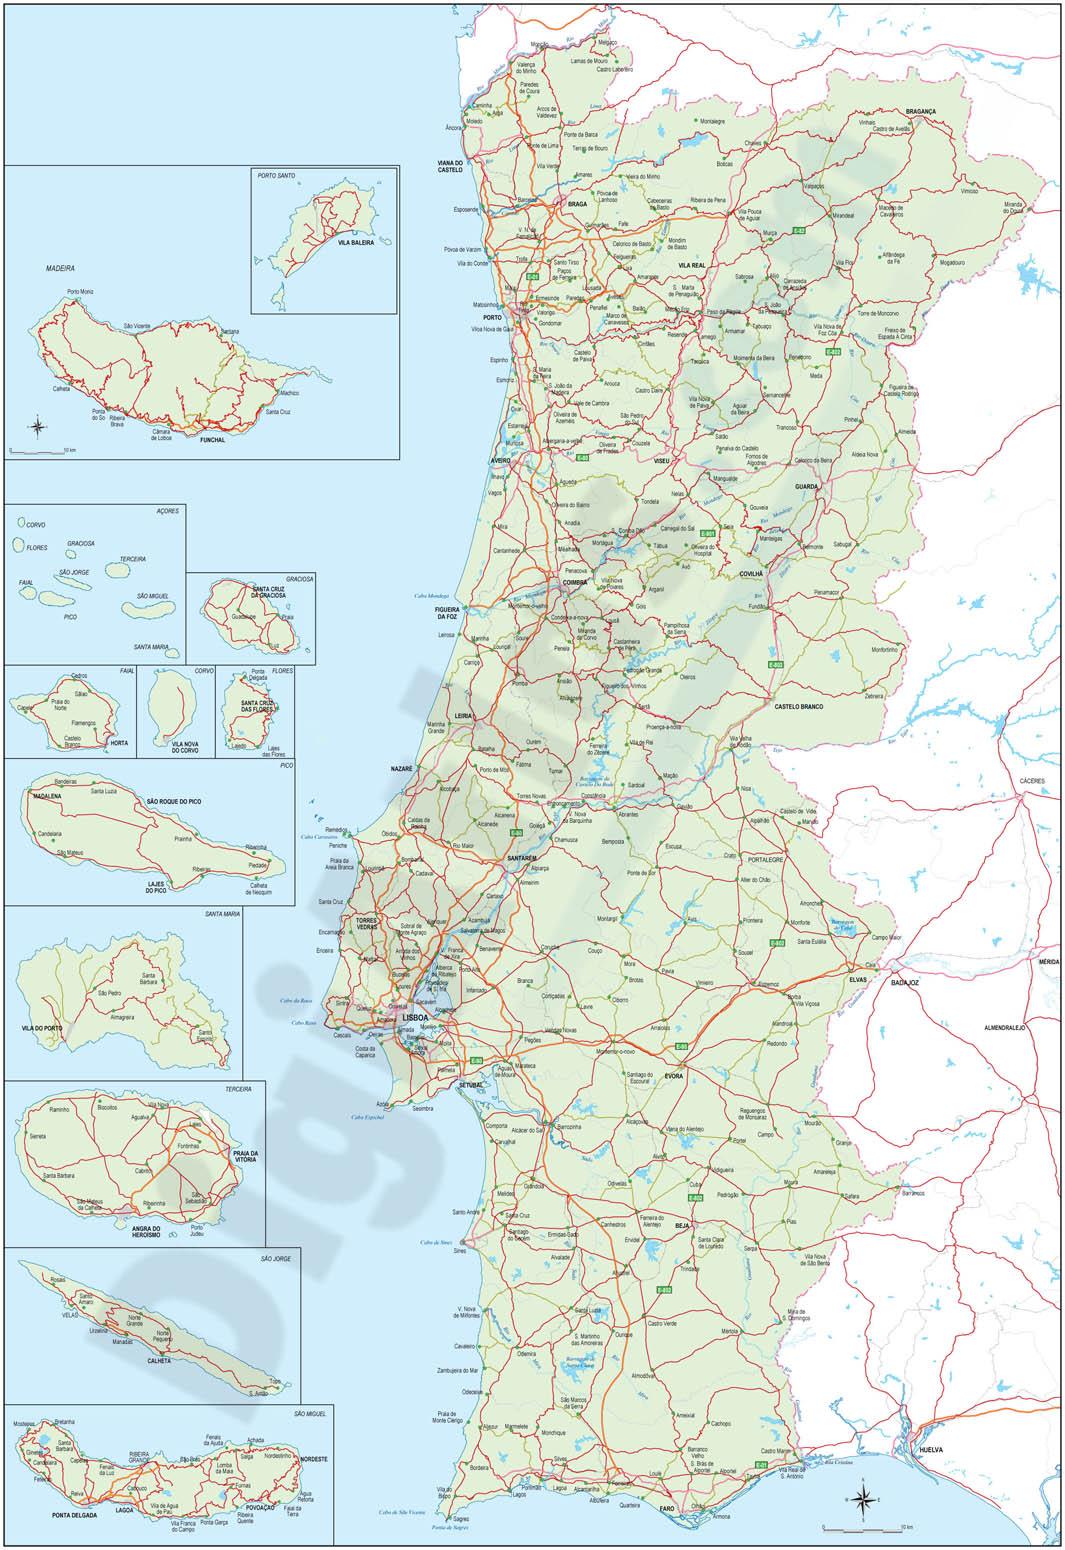 Mapa de carreteras de Portugal